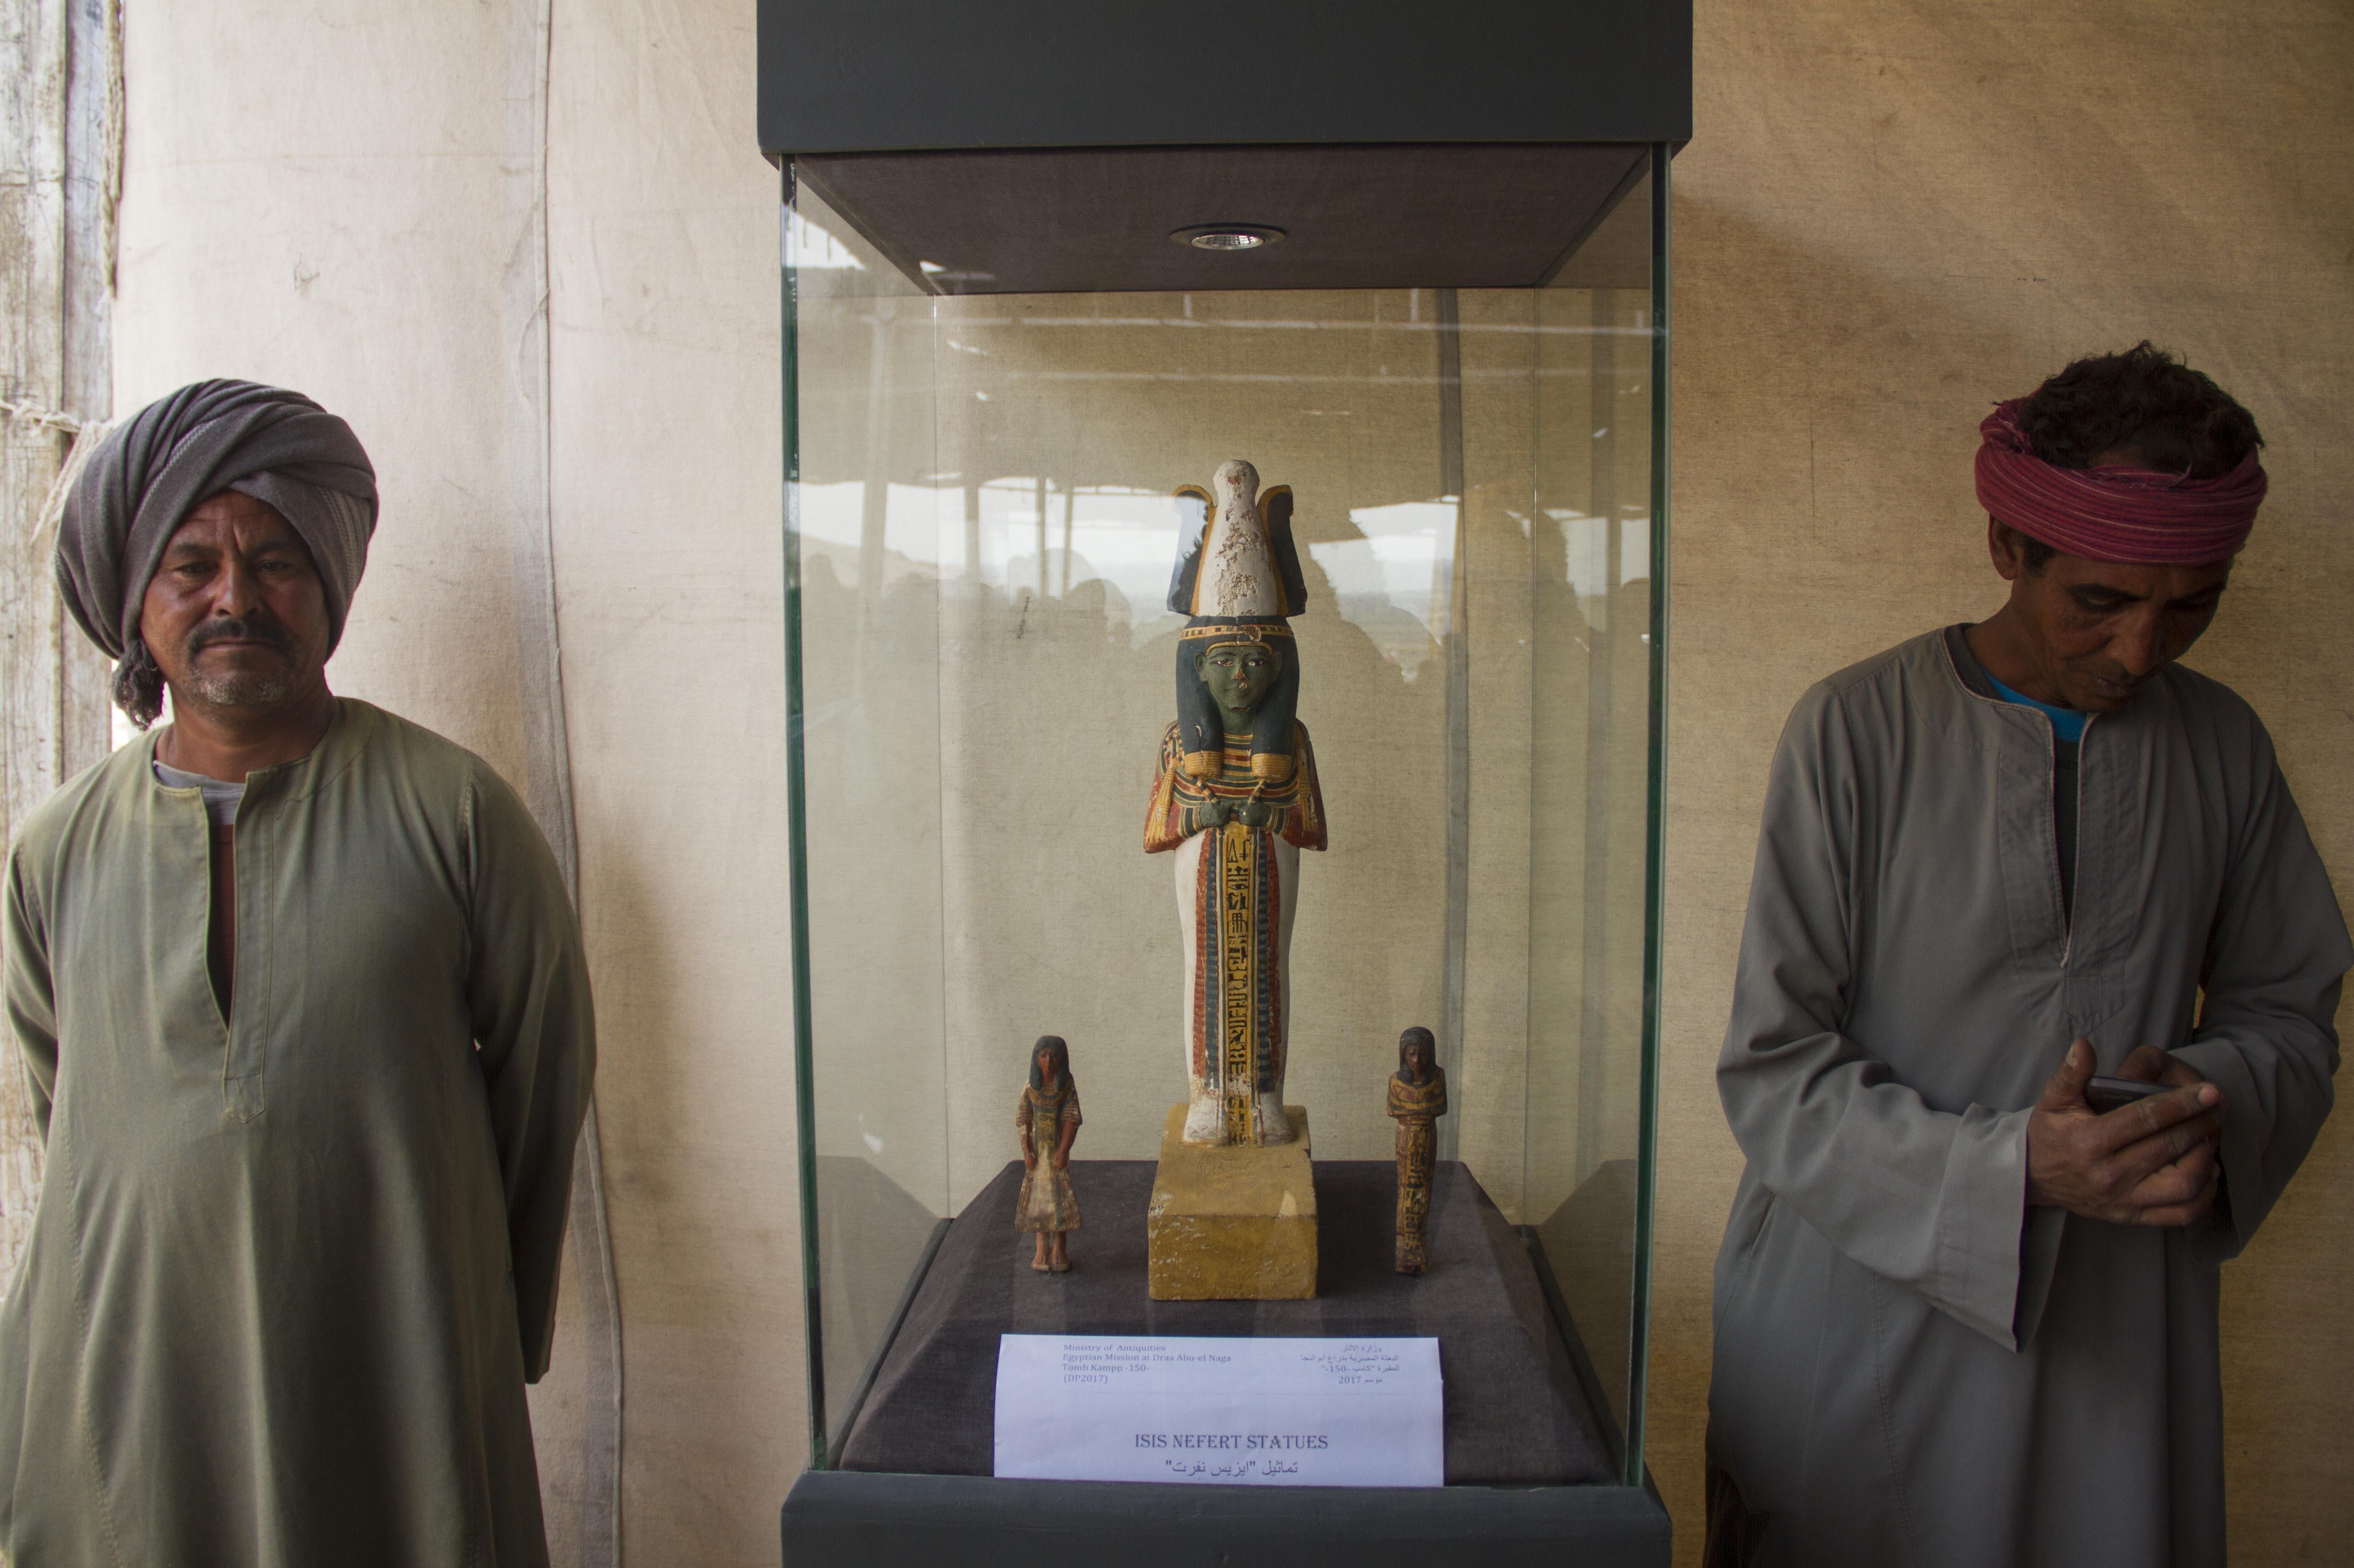 Dos excavadores egipcios custodian una estatua de madera en la tumba Kampp 161